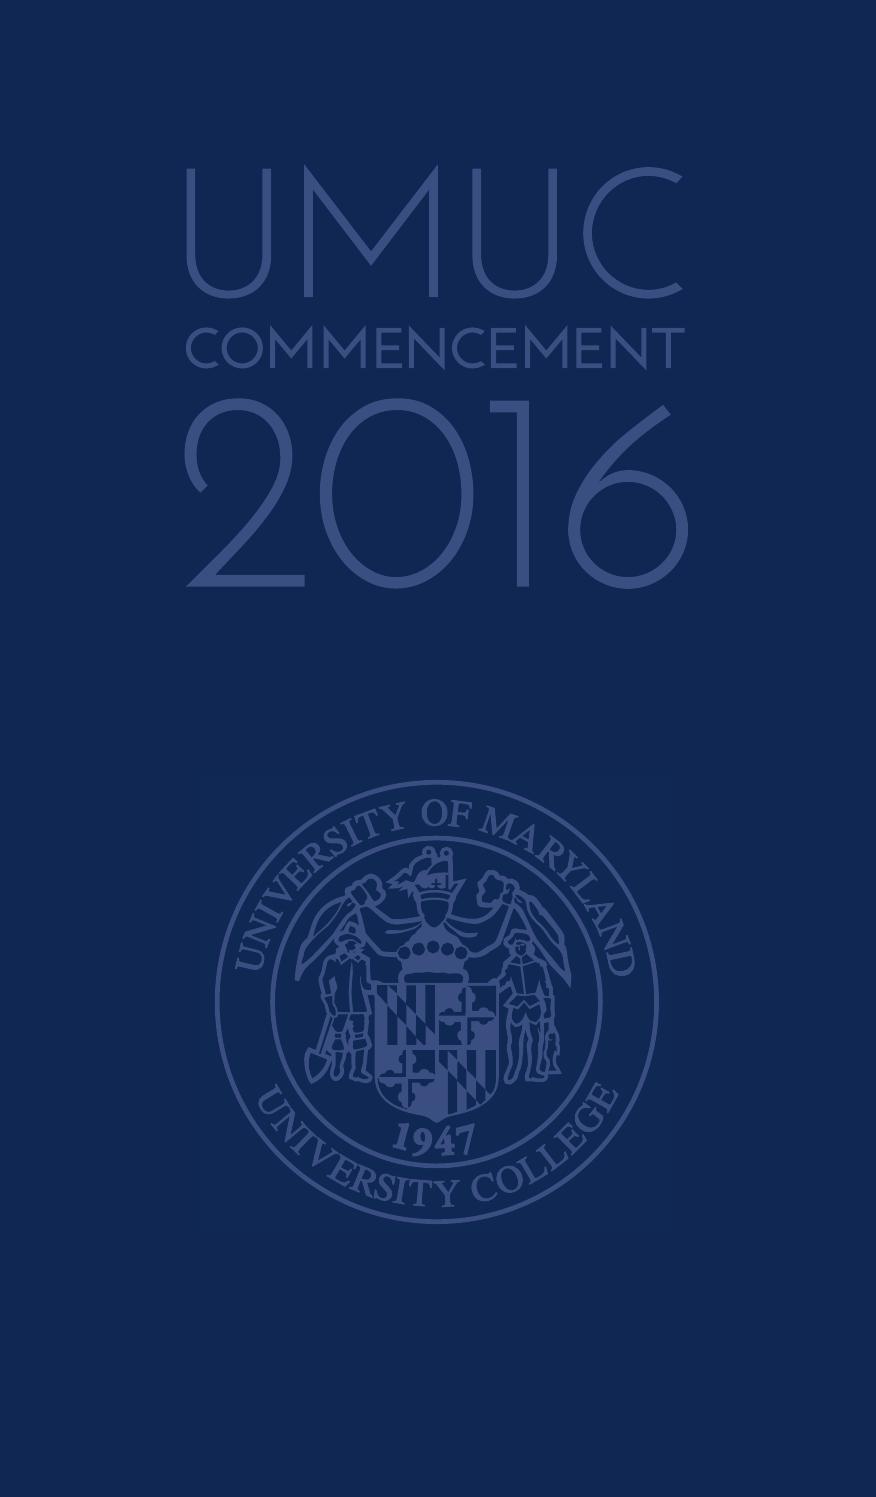 UMUC 2016 Commencement Program by University of Maryland University